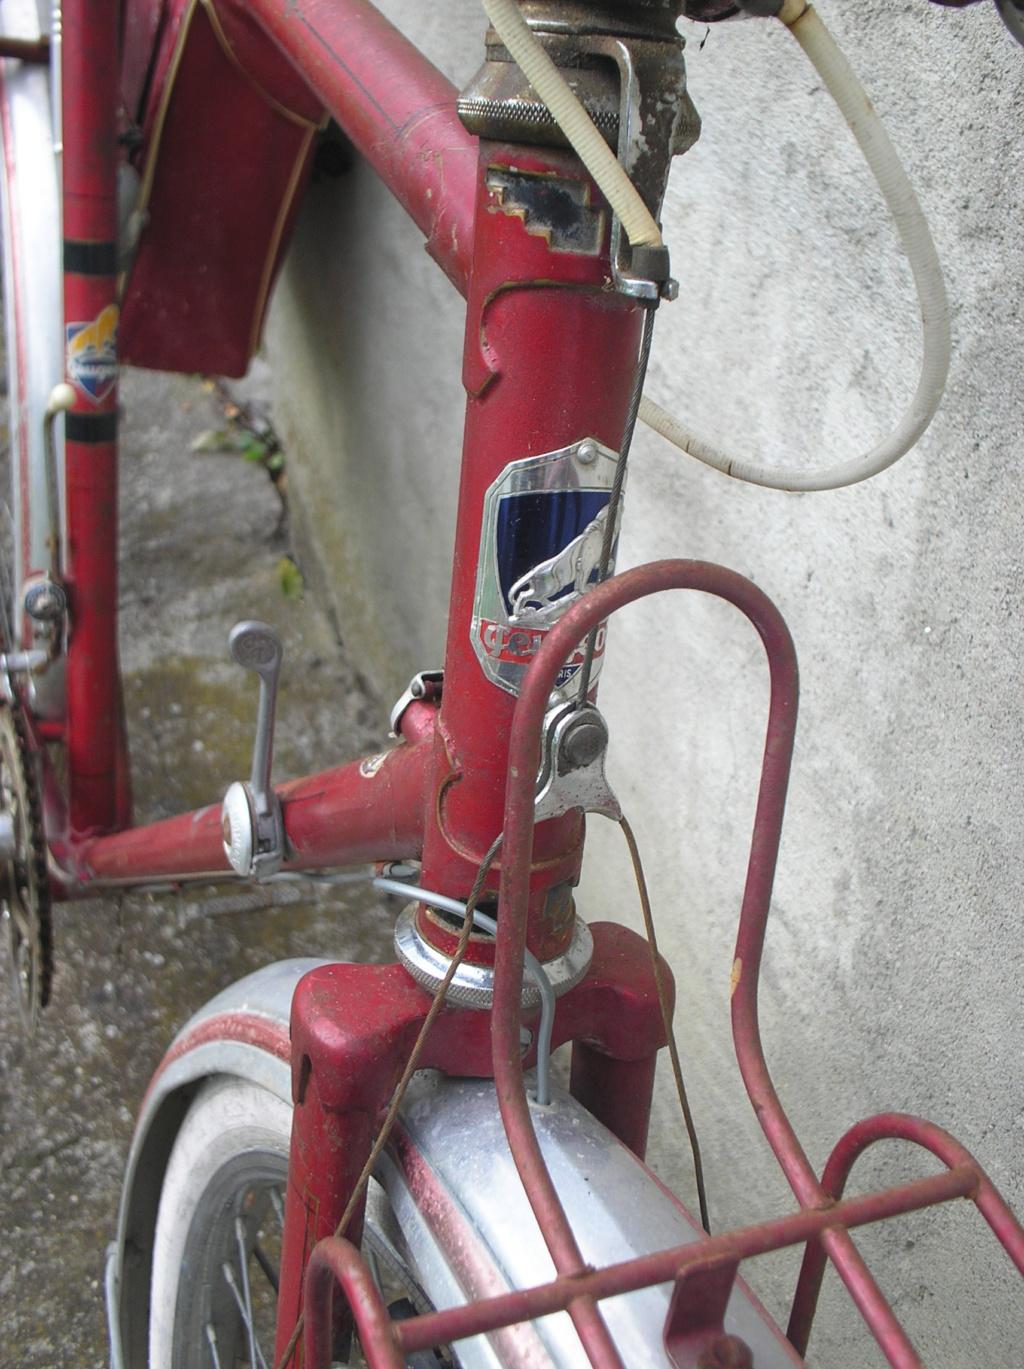 randonneuse Peugeot PL50 entre 56 et 58 P1010024